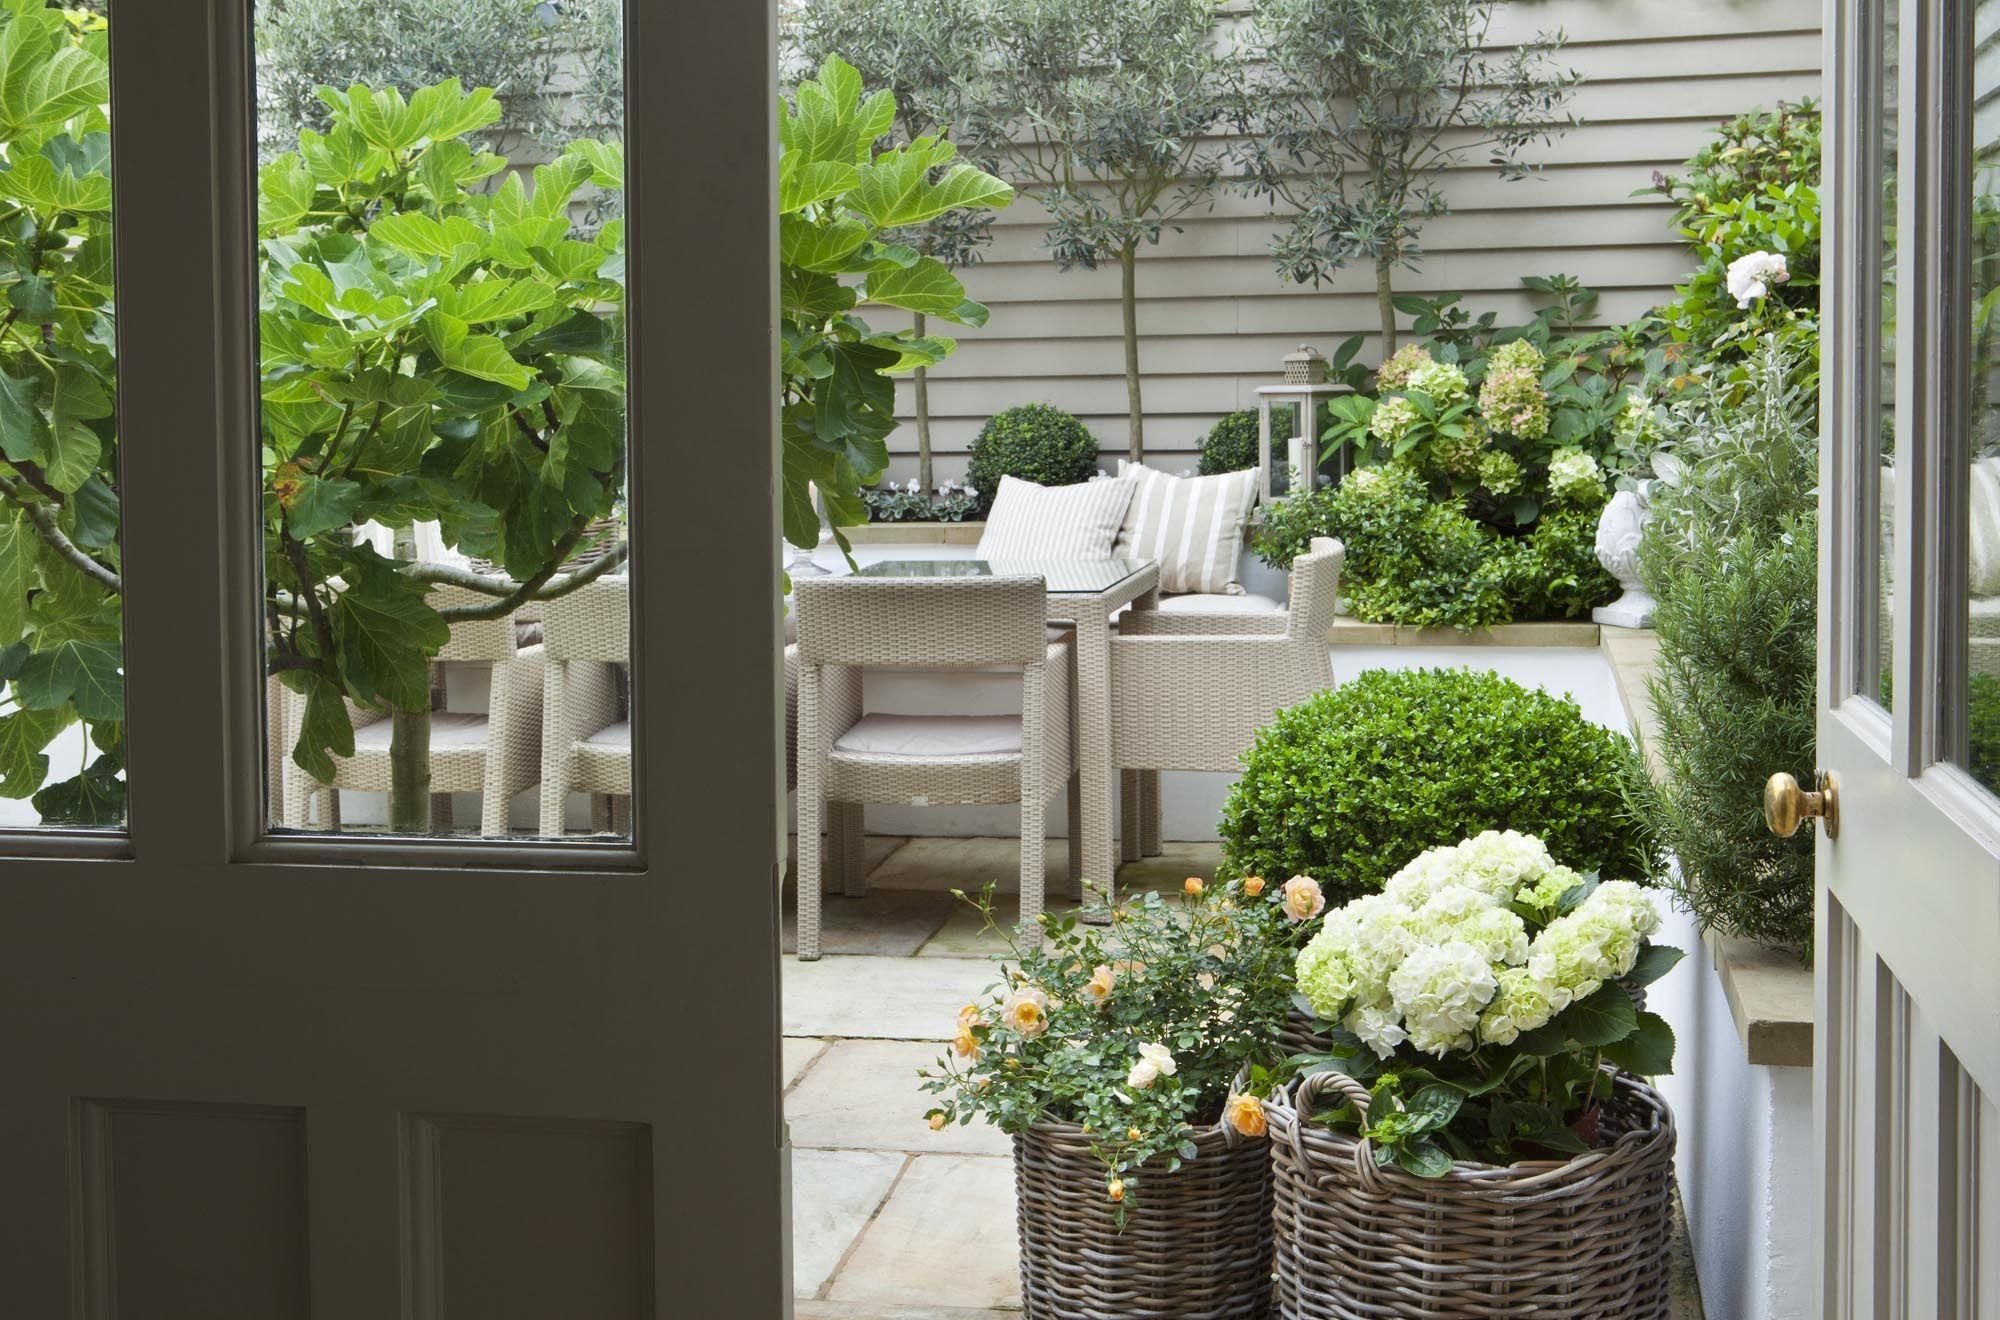 Leopoldina haynes garden terrazas y muebles pinterest - Porches y jardines ...